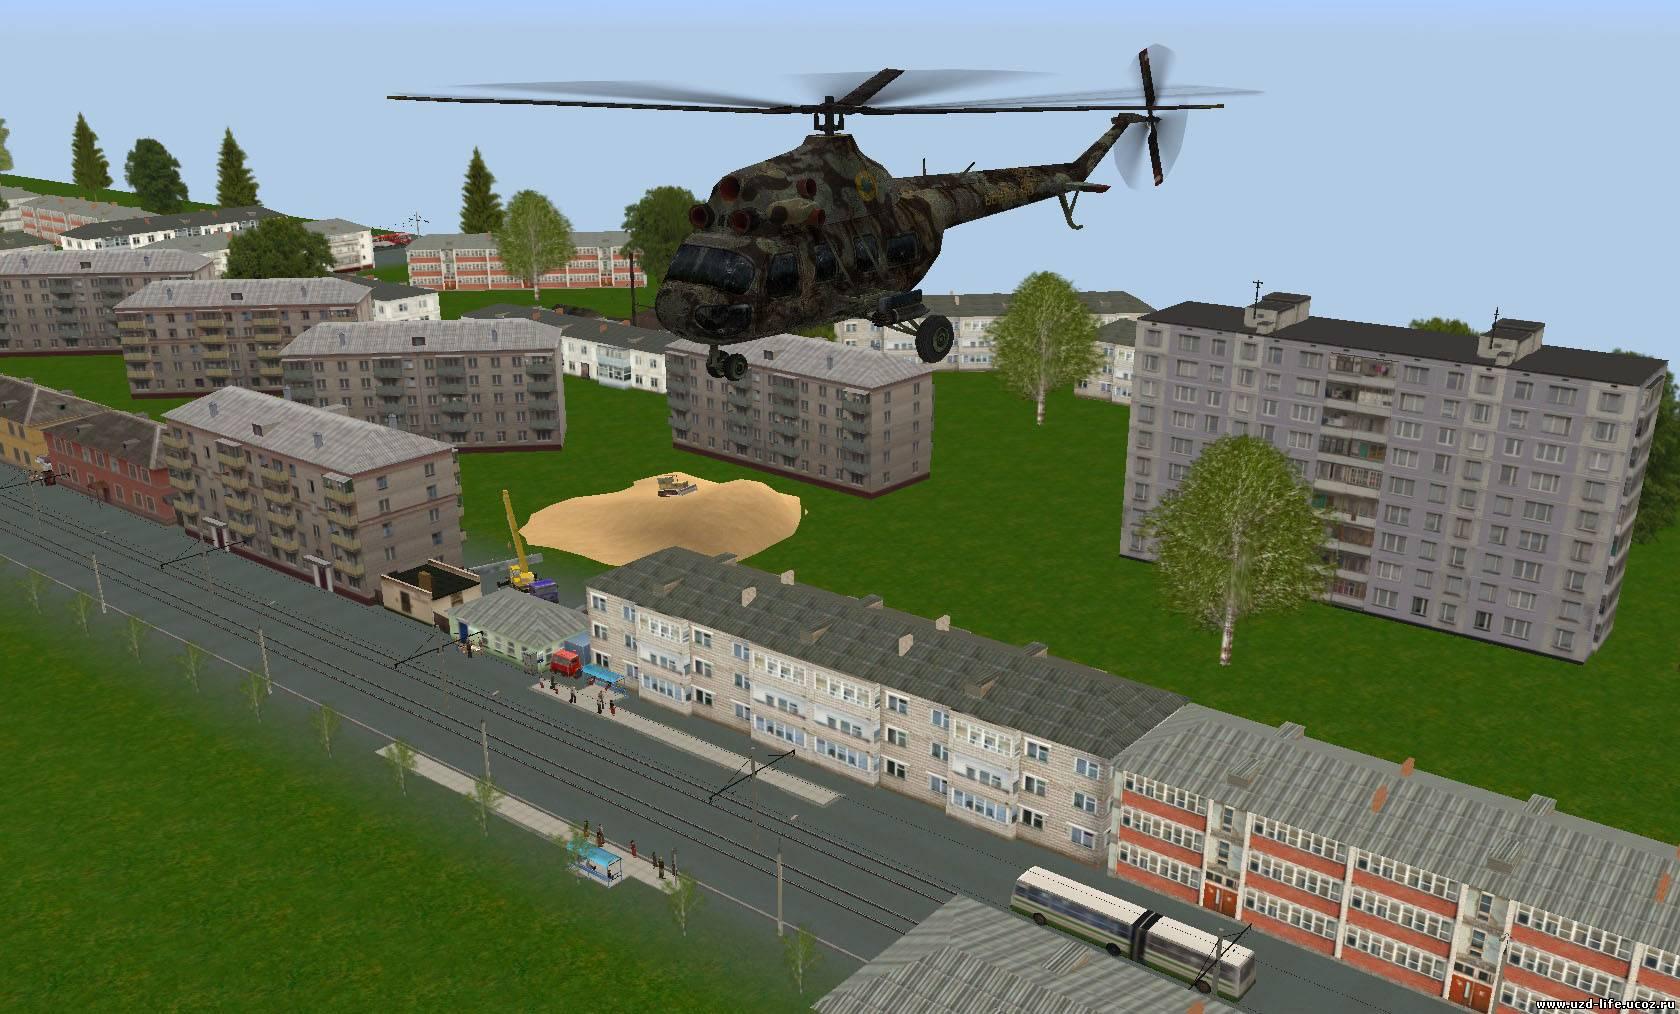 Сталкер где можно летать на вертолете 3 фотография